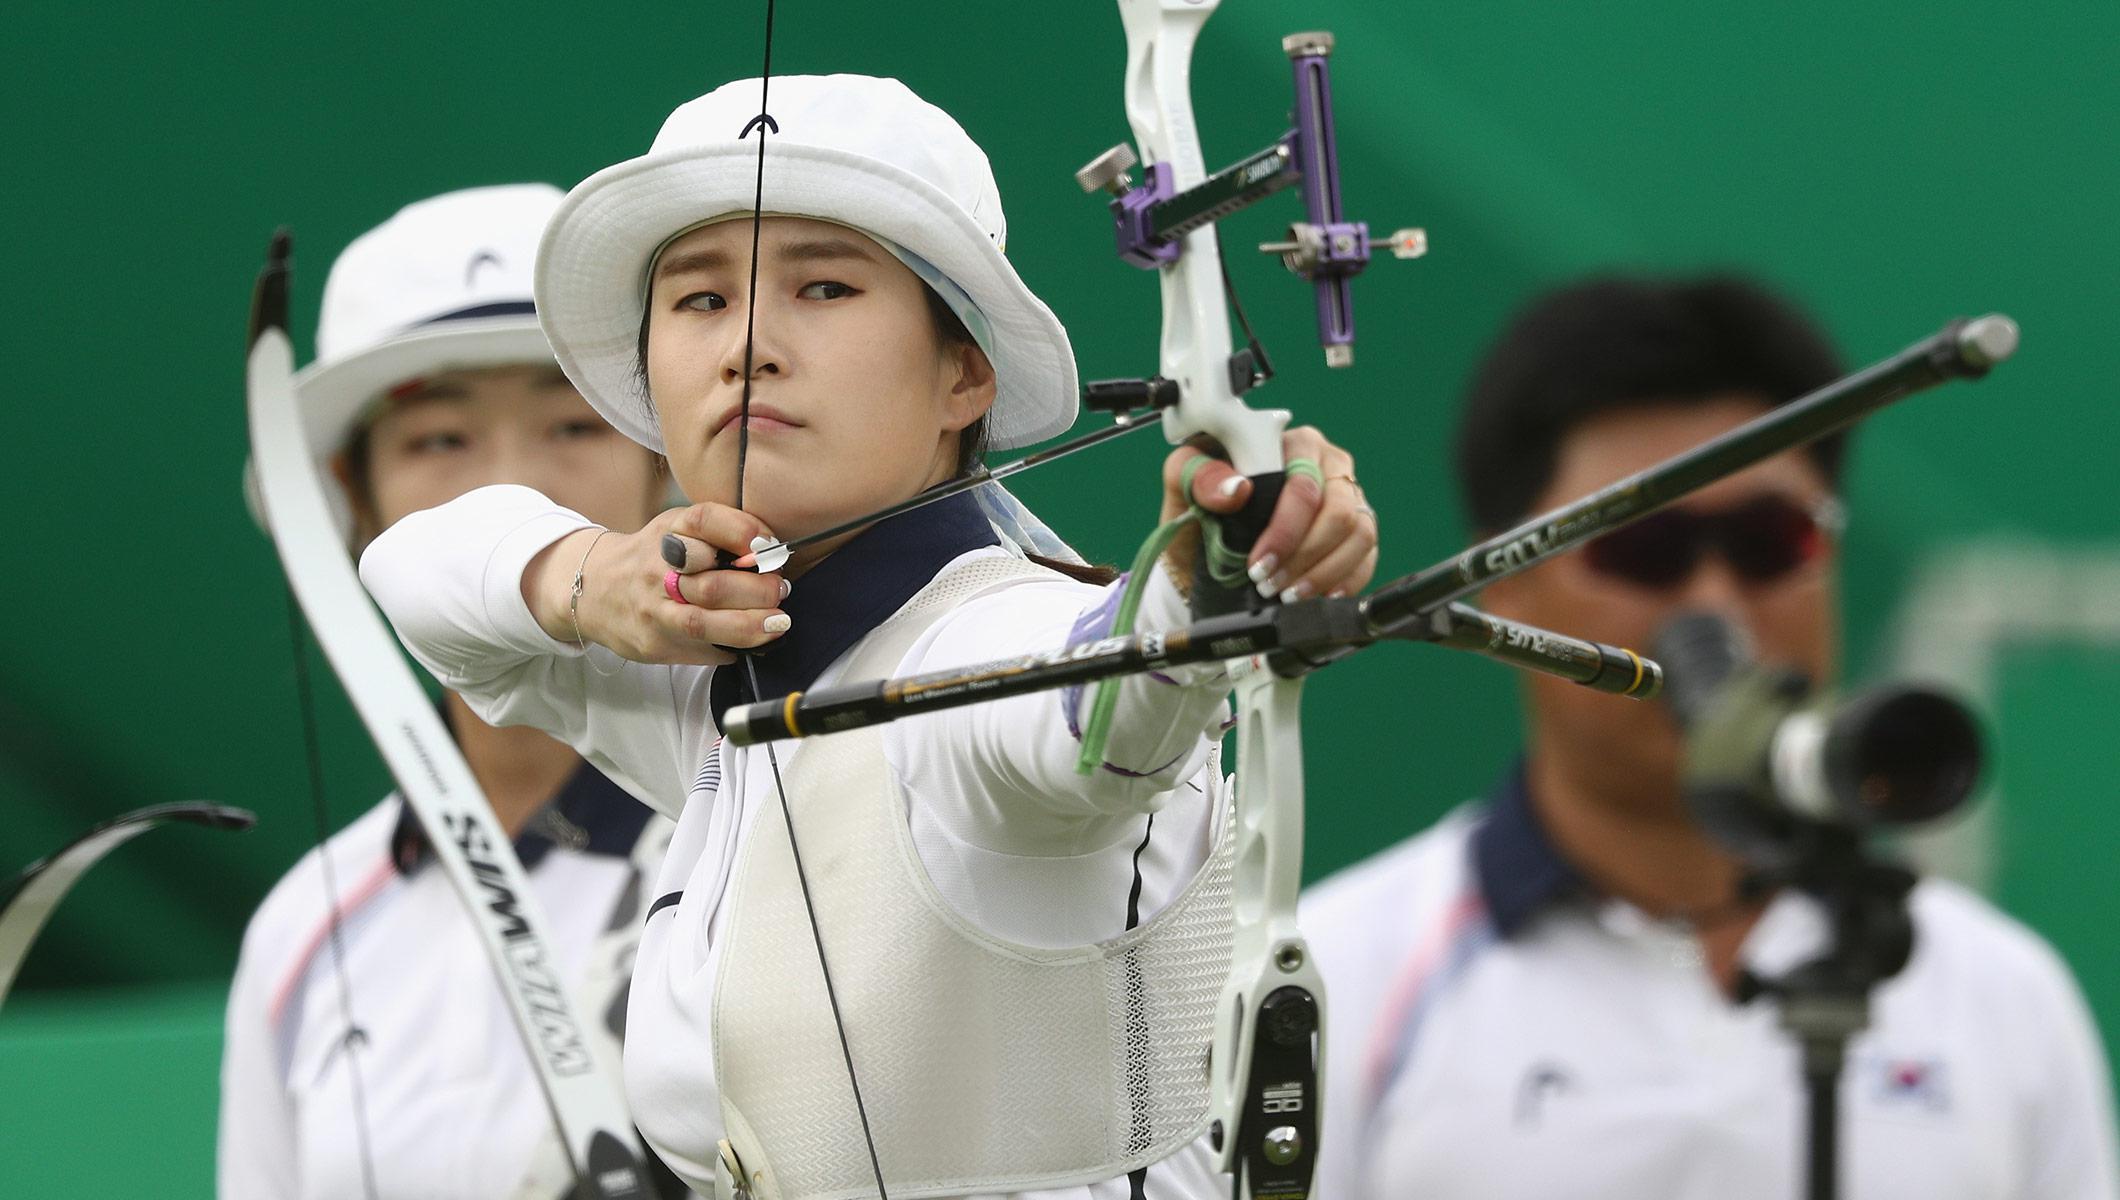 韩国人到底多爱射箭?最近他们又双叒叕把李世民射瞎了……